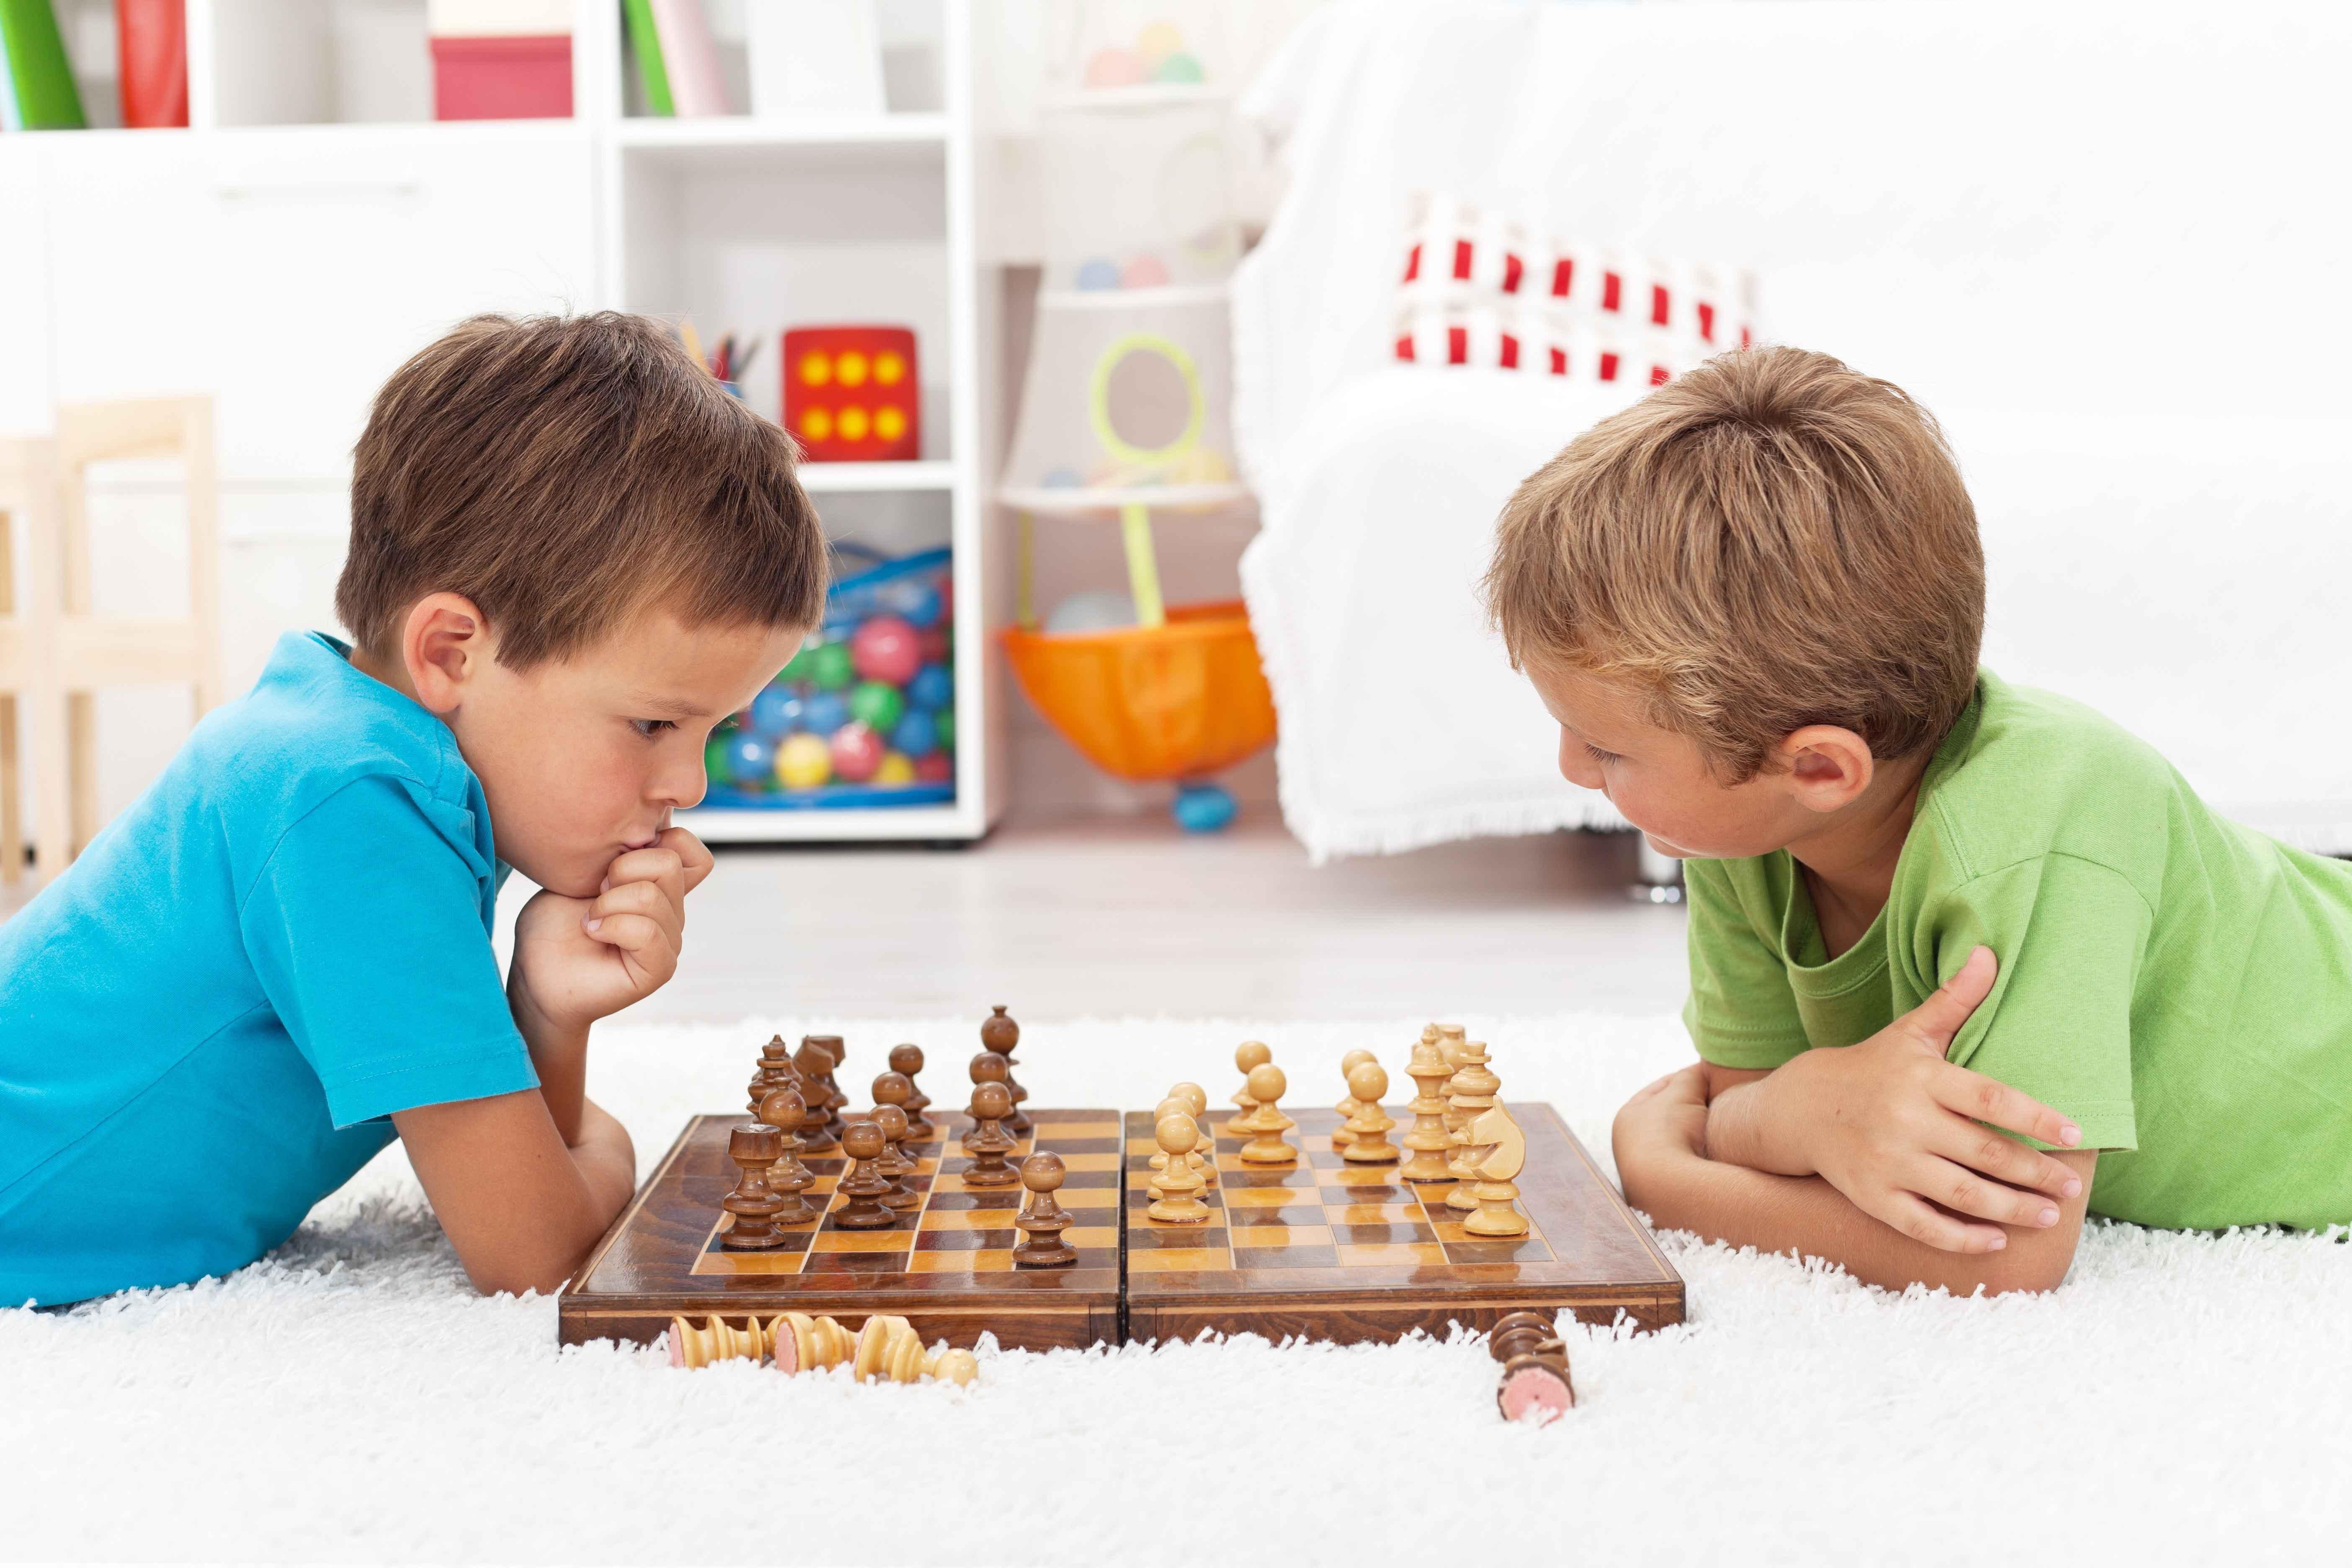 男性多少岁生孩子最聪明?这个岁数有点出乎意料!